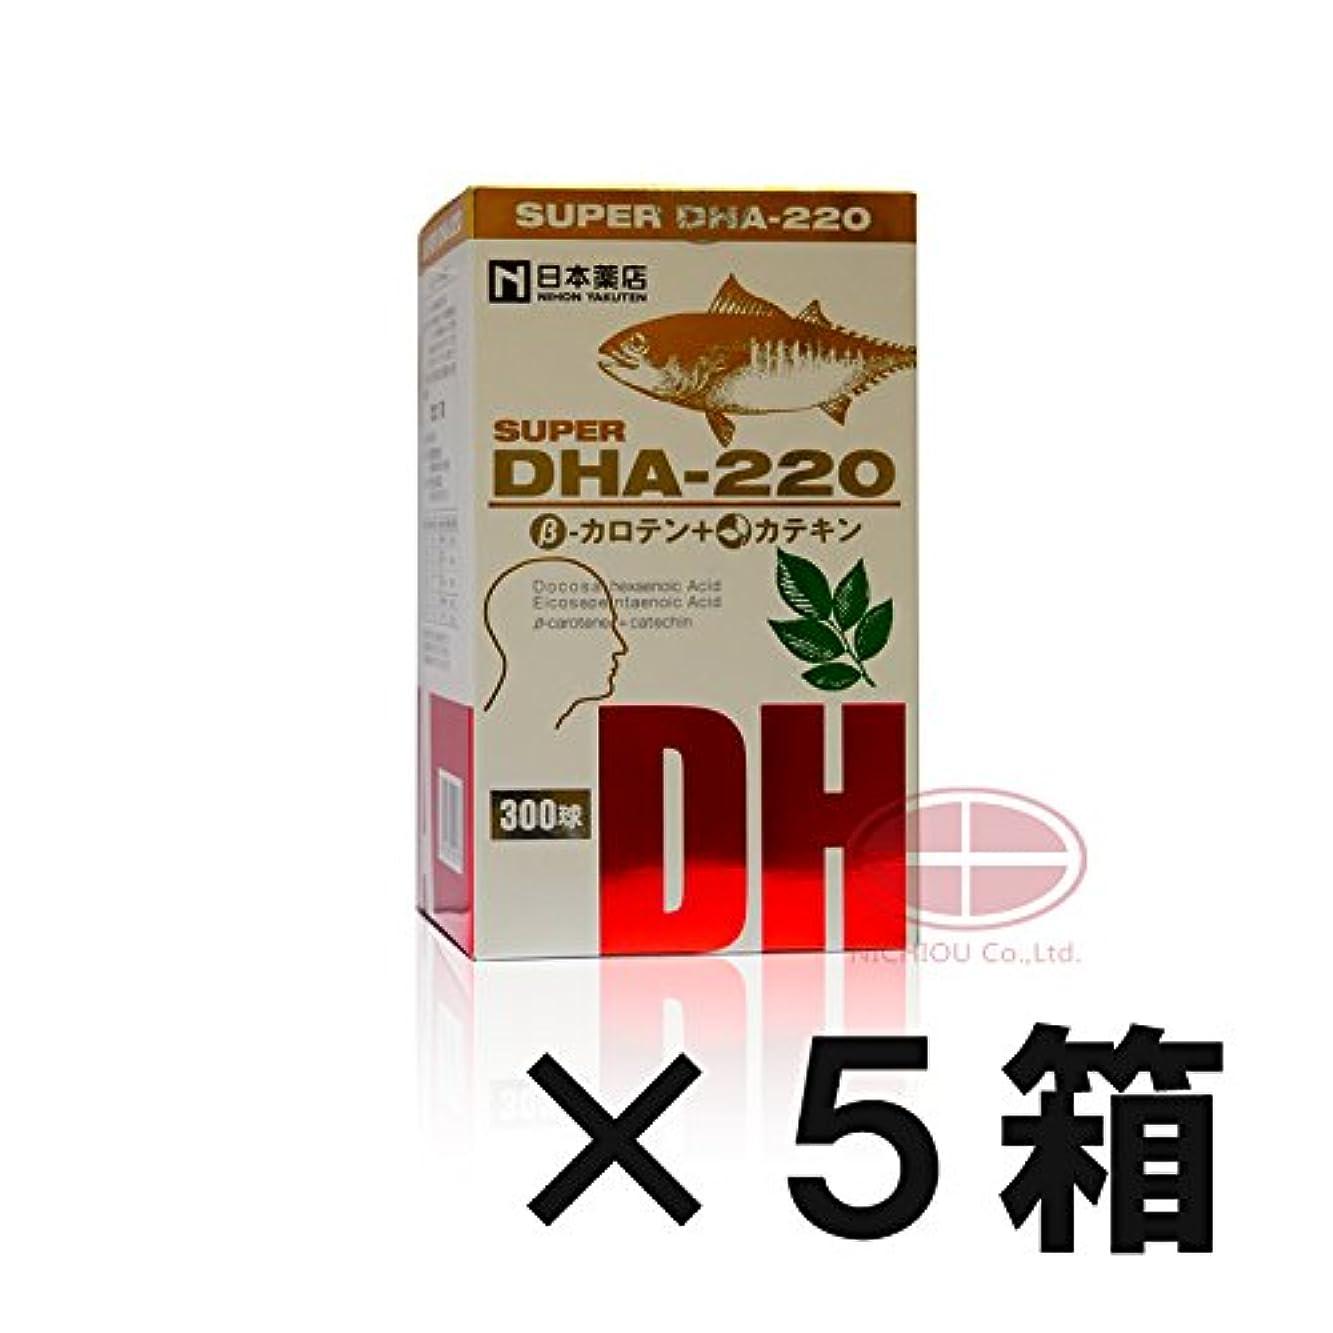 フィット細分化する摂氏薬王製薬 スーパーDHA220 βカロテン+カテキン 300粒 (5)